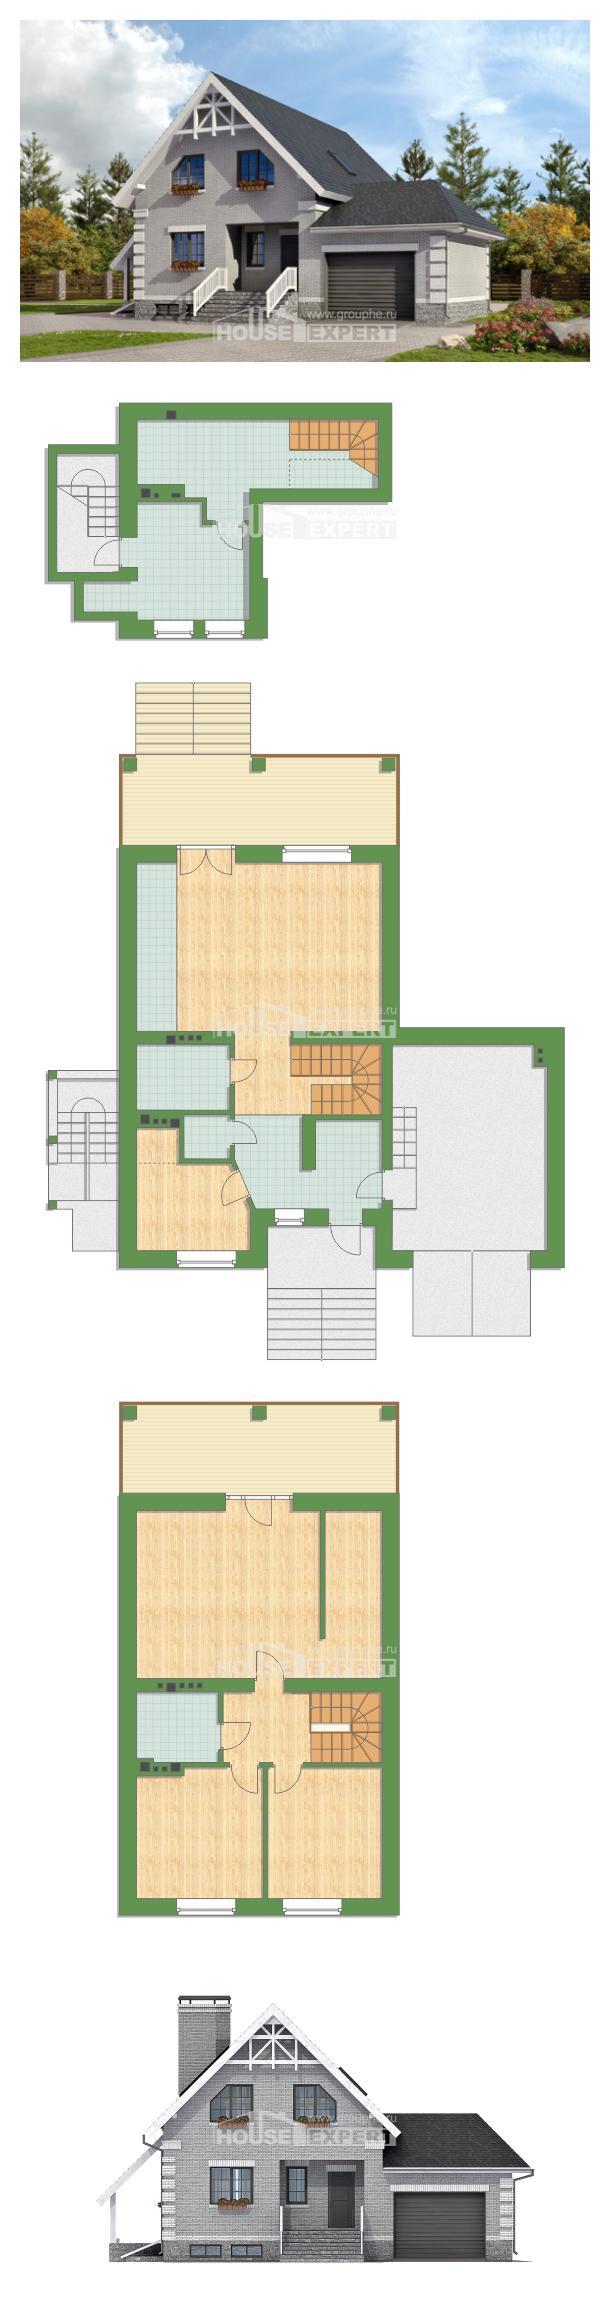 Plan 200-009-R   House Expert